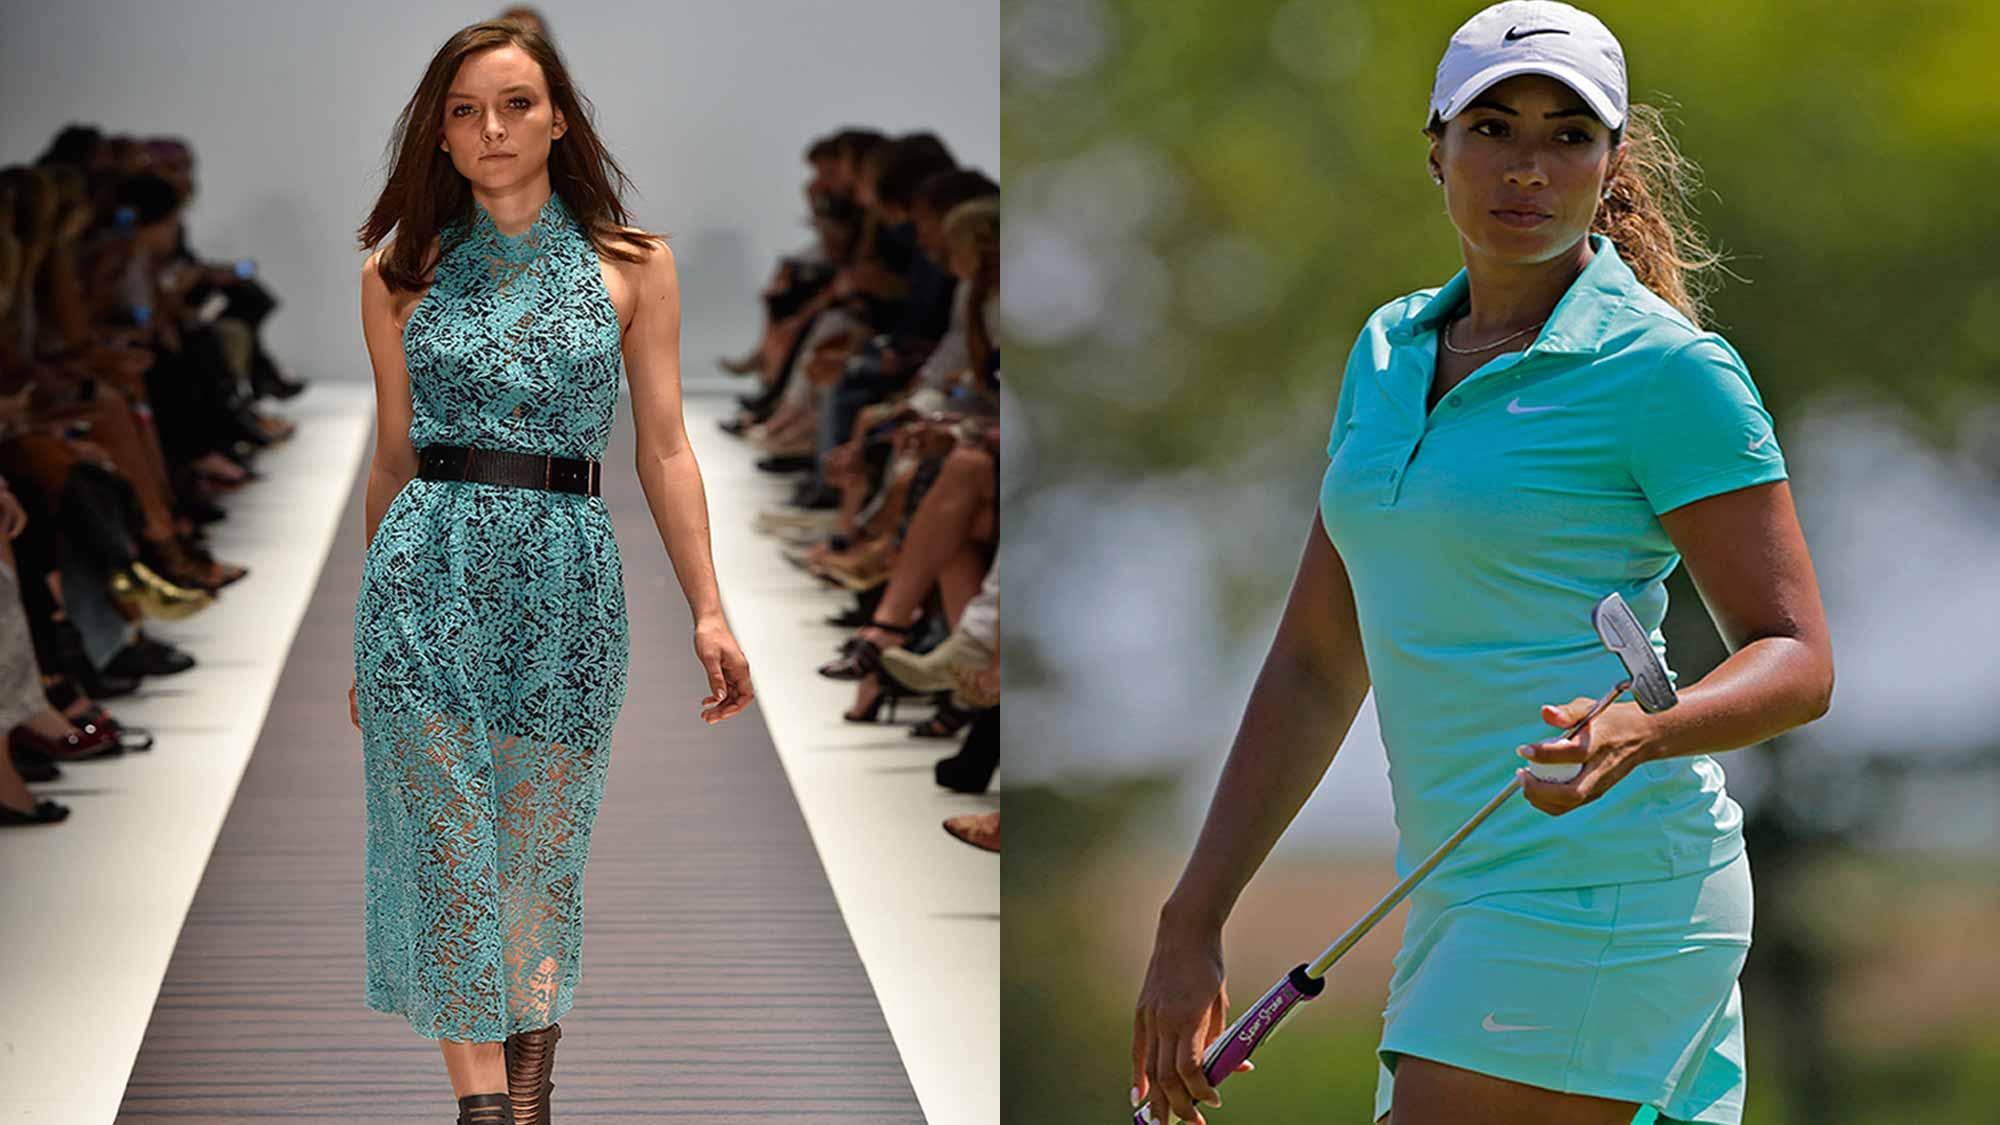 Fairways and fashion trending on tour lpga ladies professional